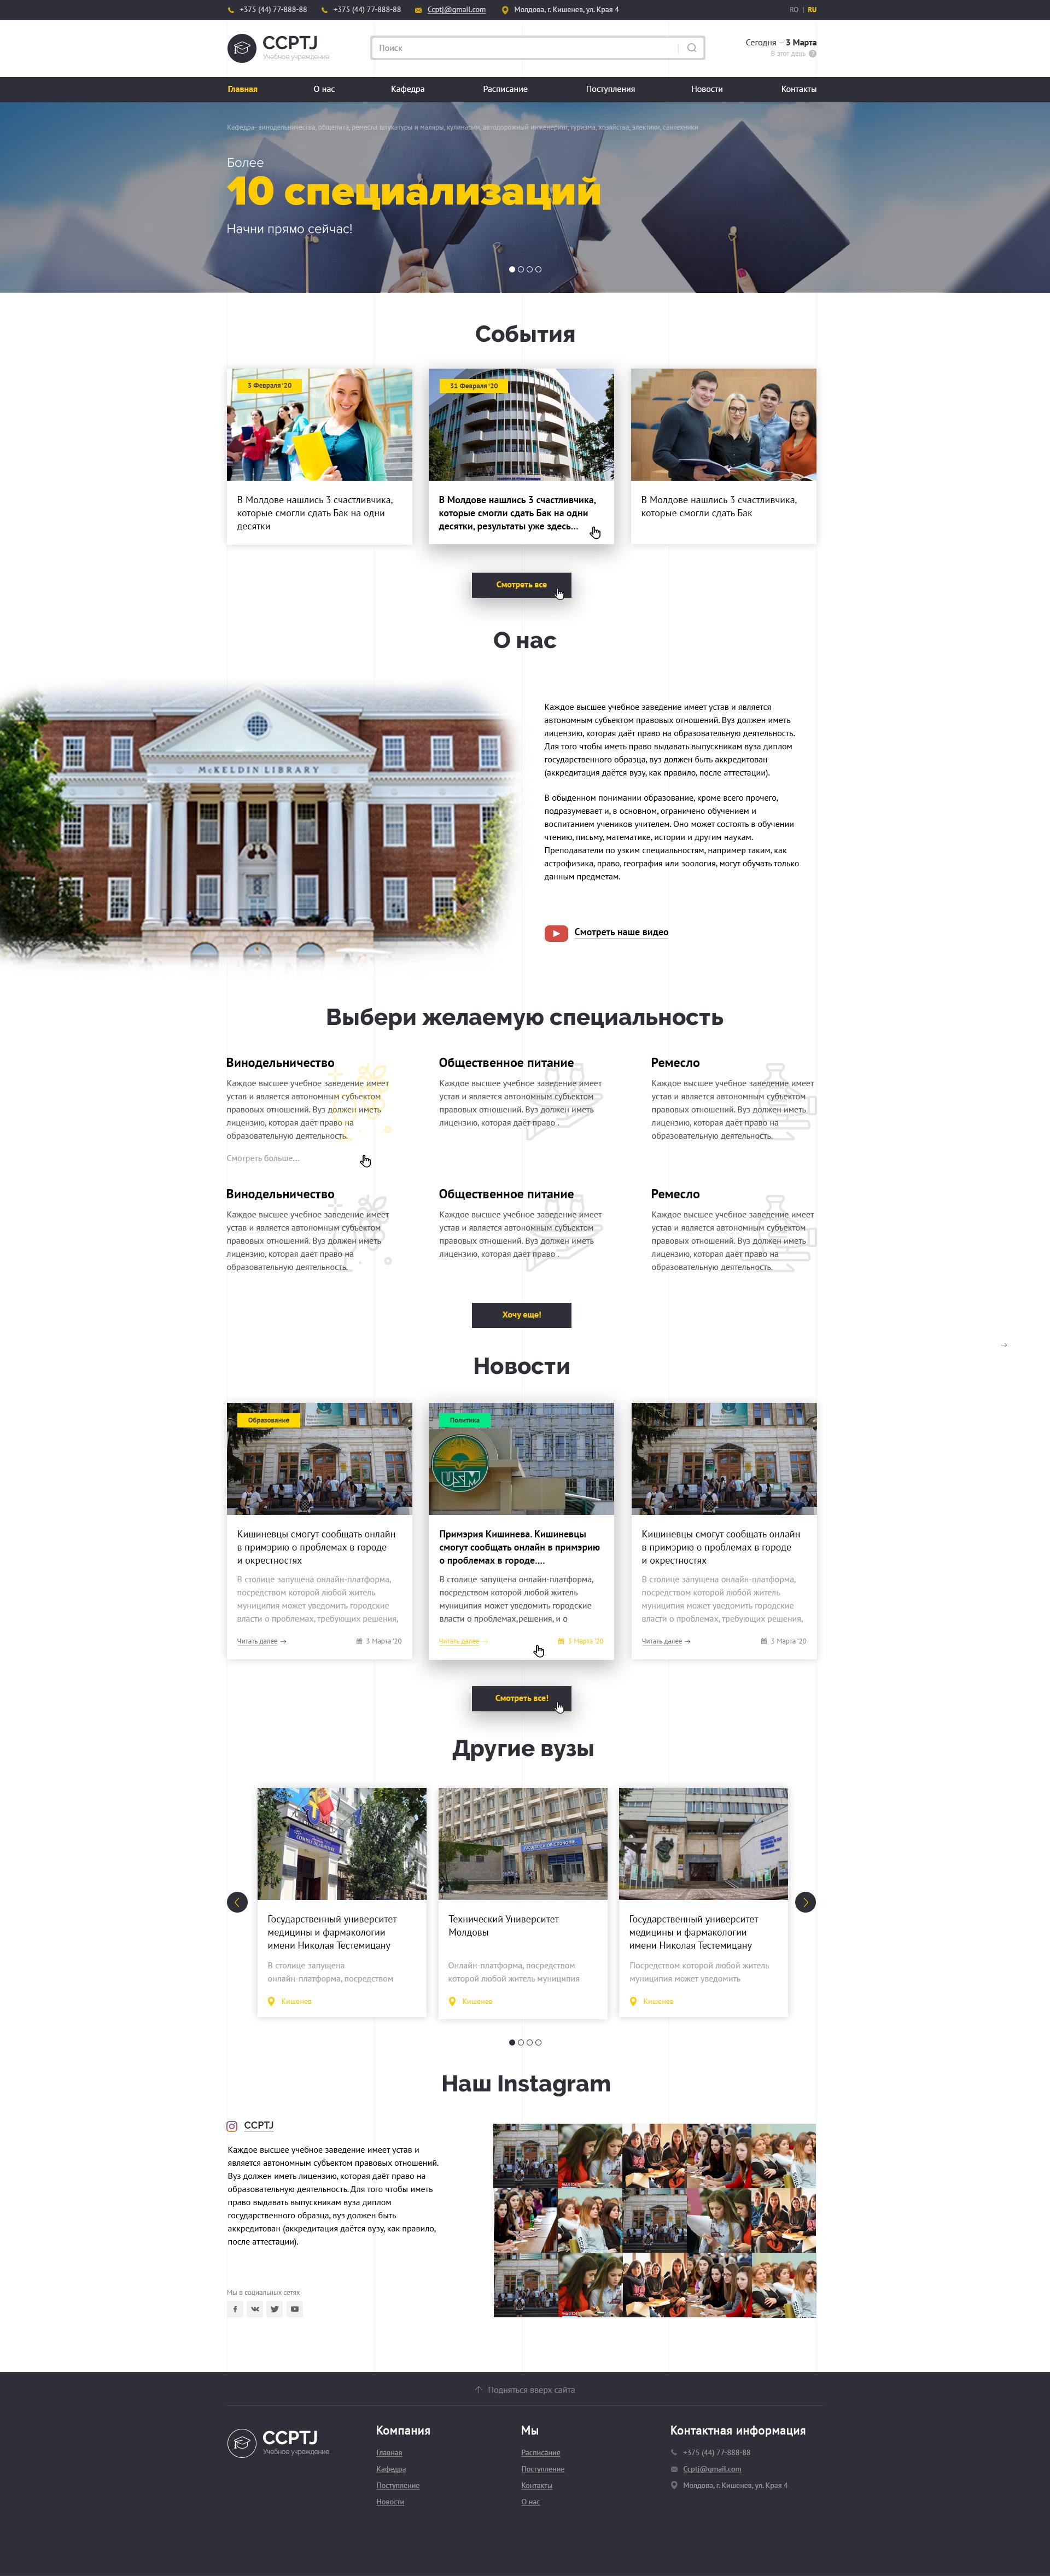 Разработка дизайна сайта колледжа фото f_4055e5ec1aa8e0bd.jpg